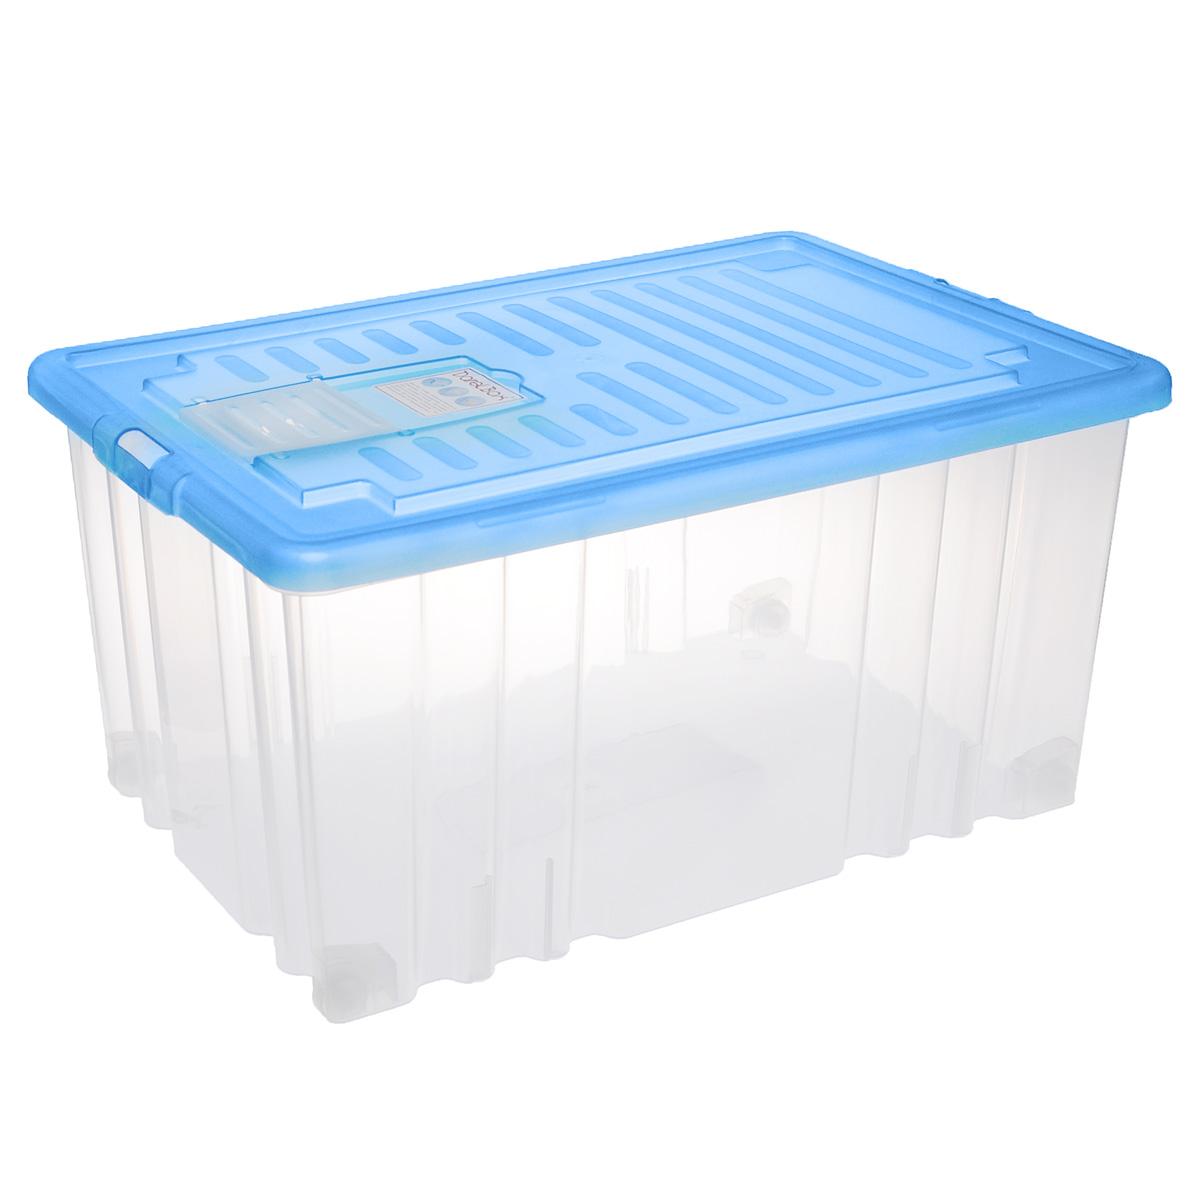 Ящик Darel Box, с крышкой, цвет: синий, прозрачный, 56 л25051 7_желтыйЯщик Darel Box, изготовленный из прозрачного пластика, оснащен плотно закрывающейся крышкой и специальным клапаном для антимолиевых и дезодорирующих веществ. Изделие предназначено для хранения различных бытовых вещей. Идеально подойдет для хранения белья, продуктов, игрушек. Будет незаменим на даче, в гараже или кладовой. Выдерживает температурные перепады от -25°С до +95°С. Изделие имеет четыре маленьких колесика, обеспечивающих удобство перемещения ящика. Колеса бокса могут принимать два положения: утопленное - для хранения, и рабочее - для перемещения. Размер ящика: 65 см х 41,5 см х 31 см.